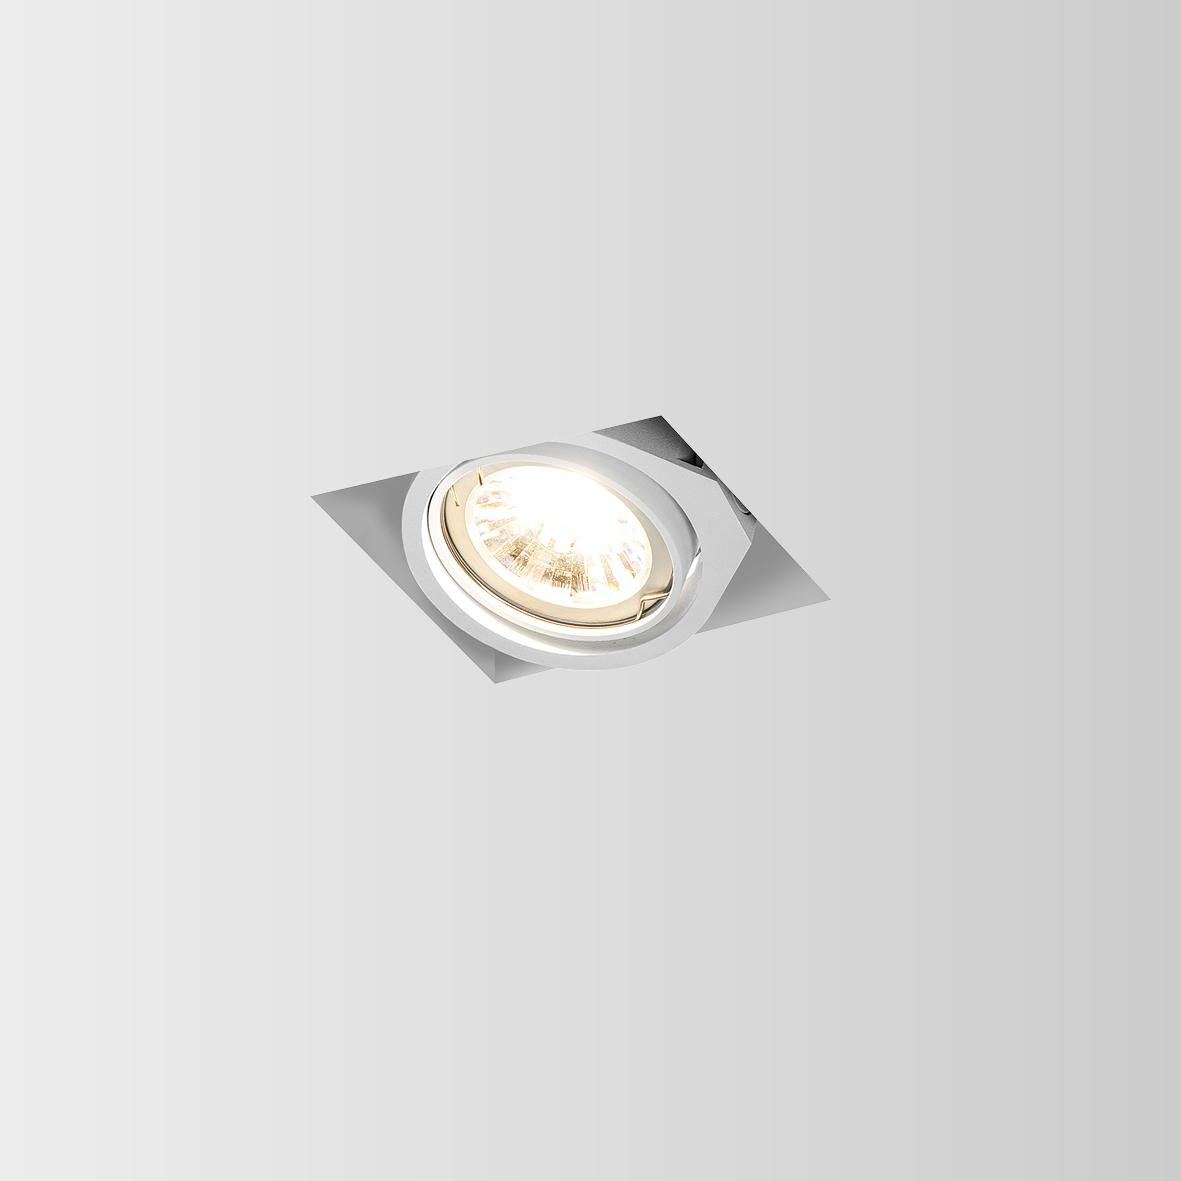 HIDE 1.0 PAR16 max.35W GU10 220-240V, Valge